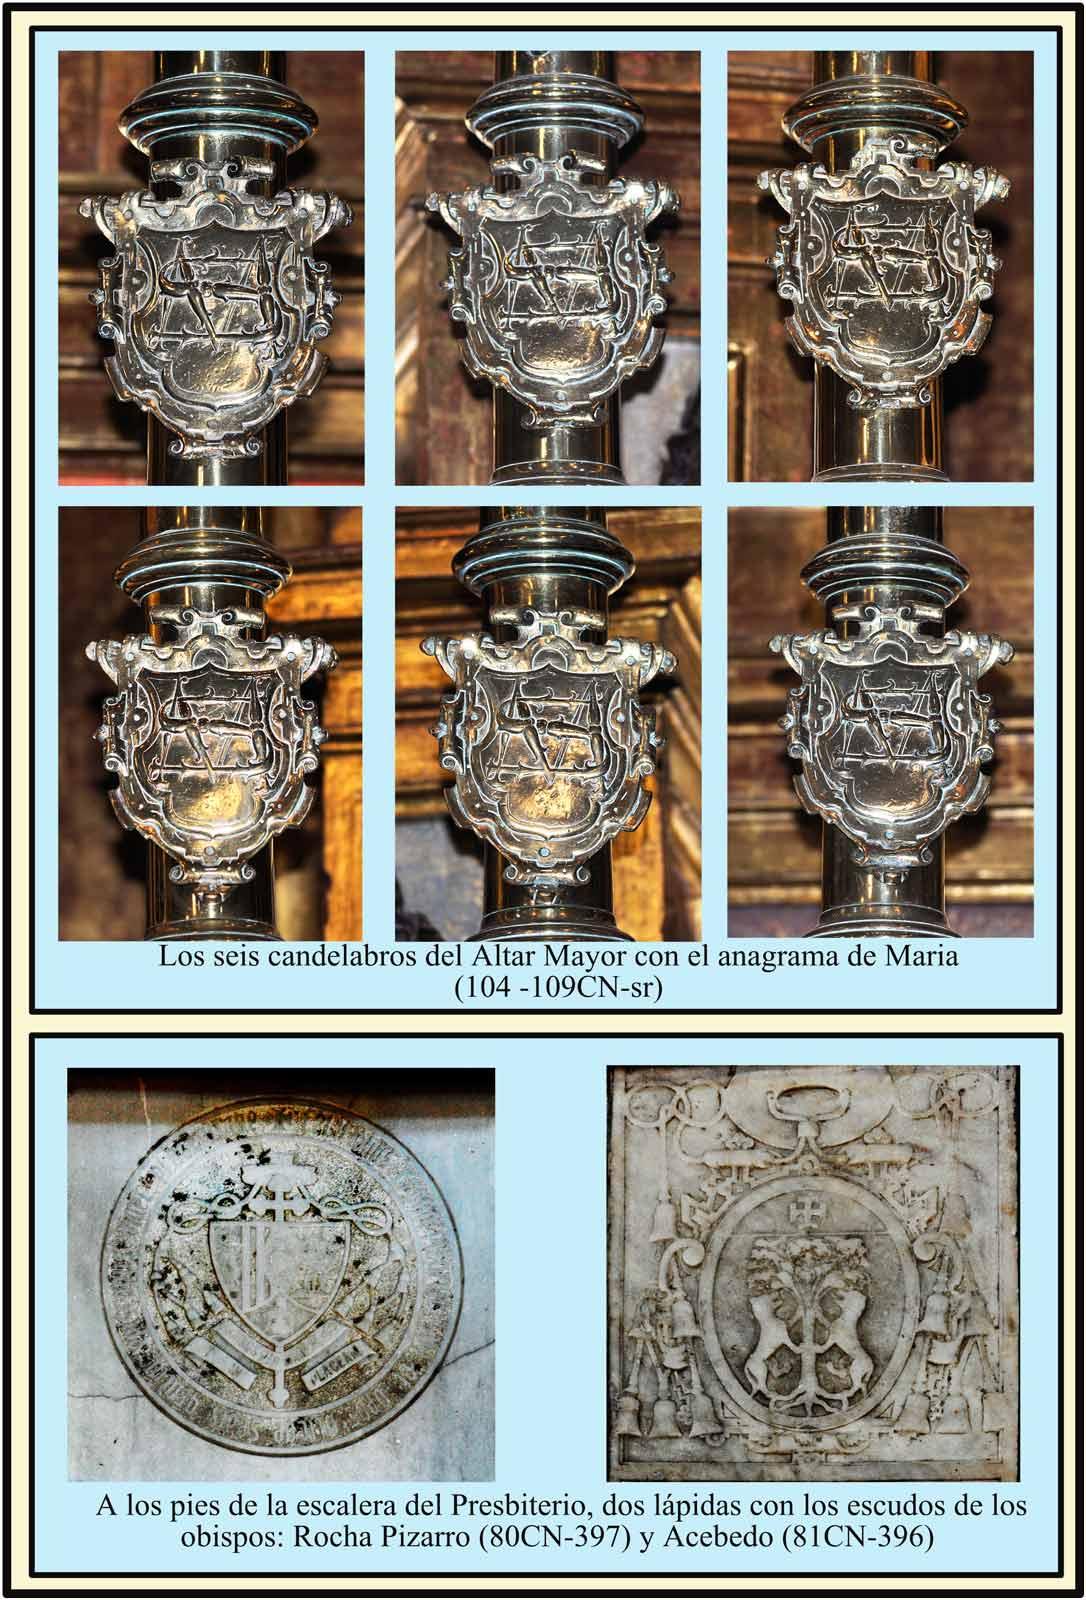 Candelabros y lapidas en el Altar Mayor Escudo Rocha Pizarro y Acebedo